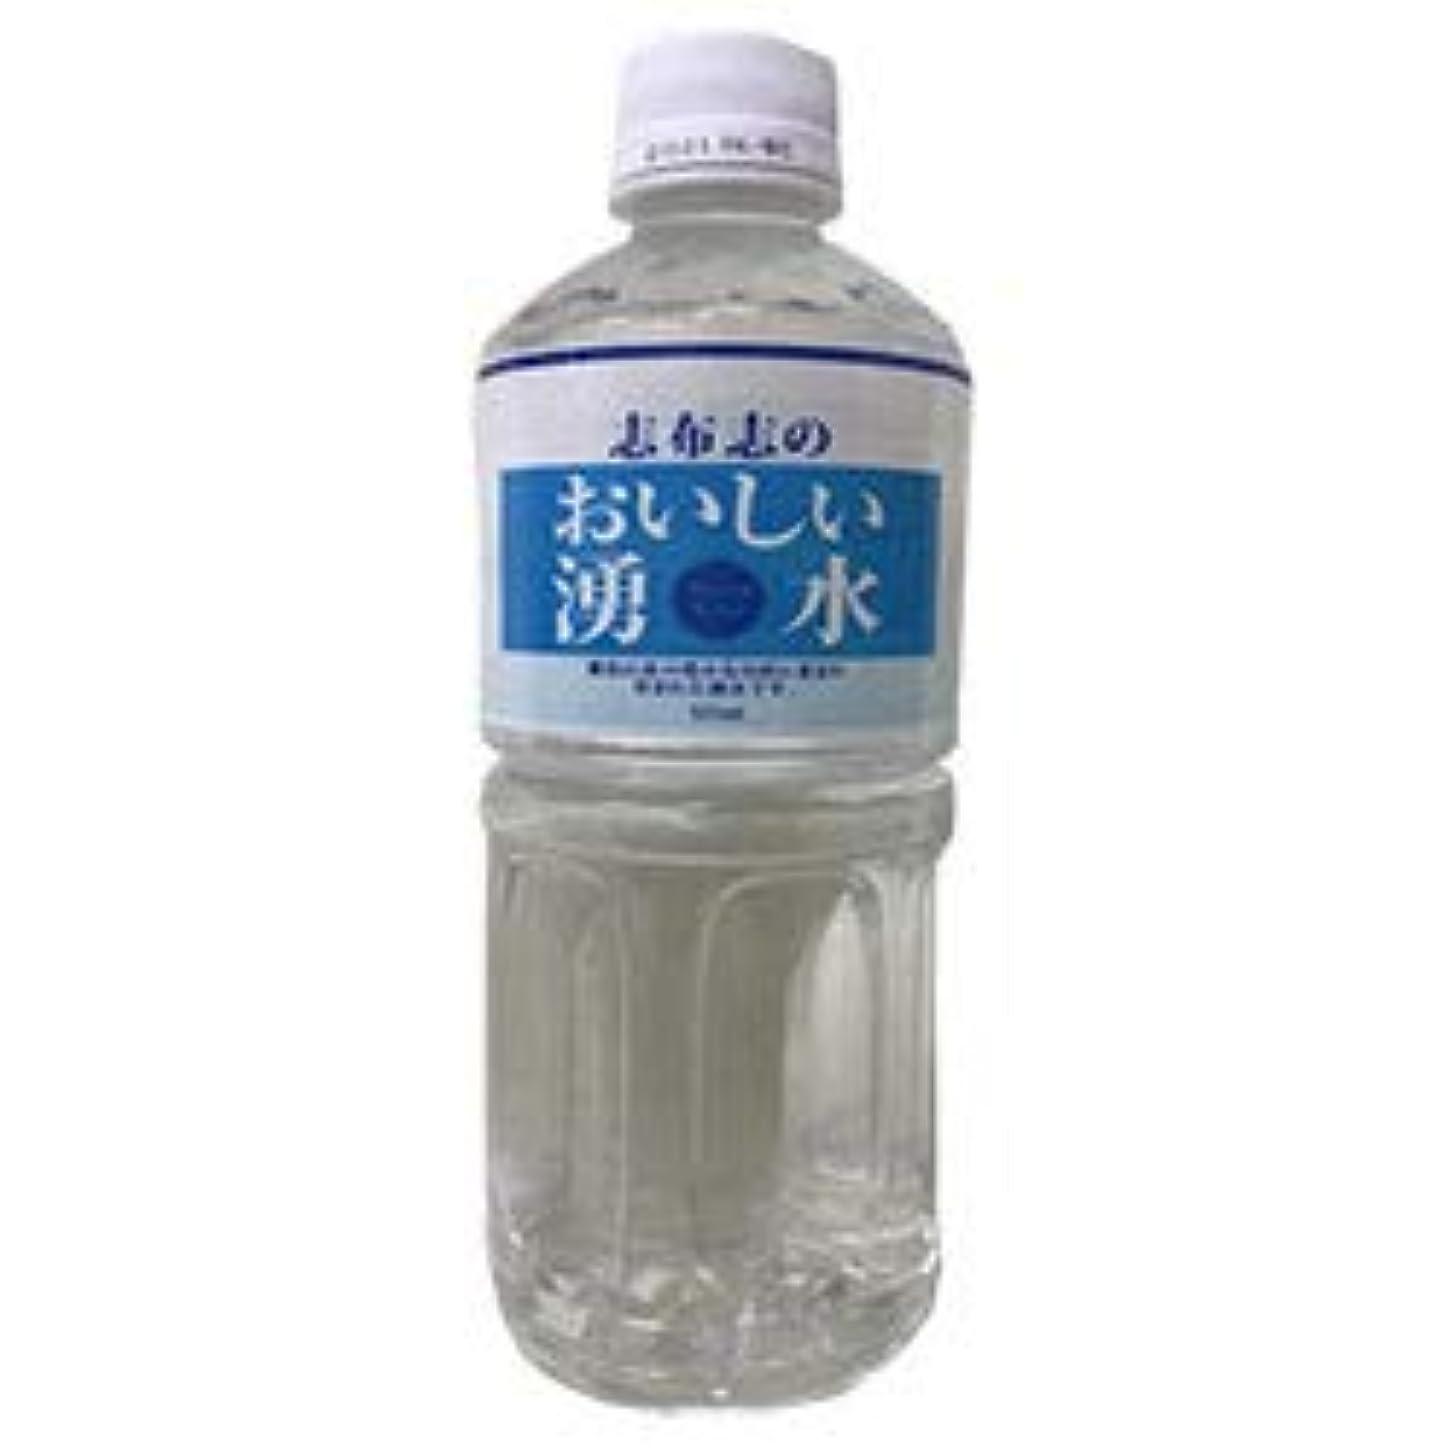 出席する細胞彼らは霧島湧水 志布志のおいしい湧水 555mlペットボトル×24本入